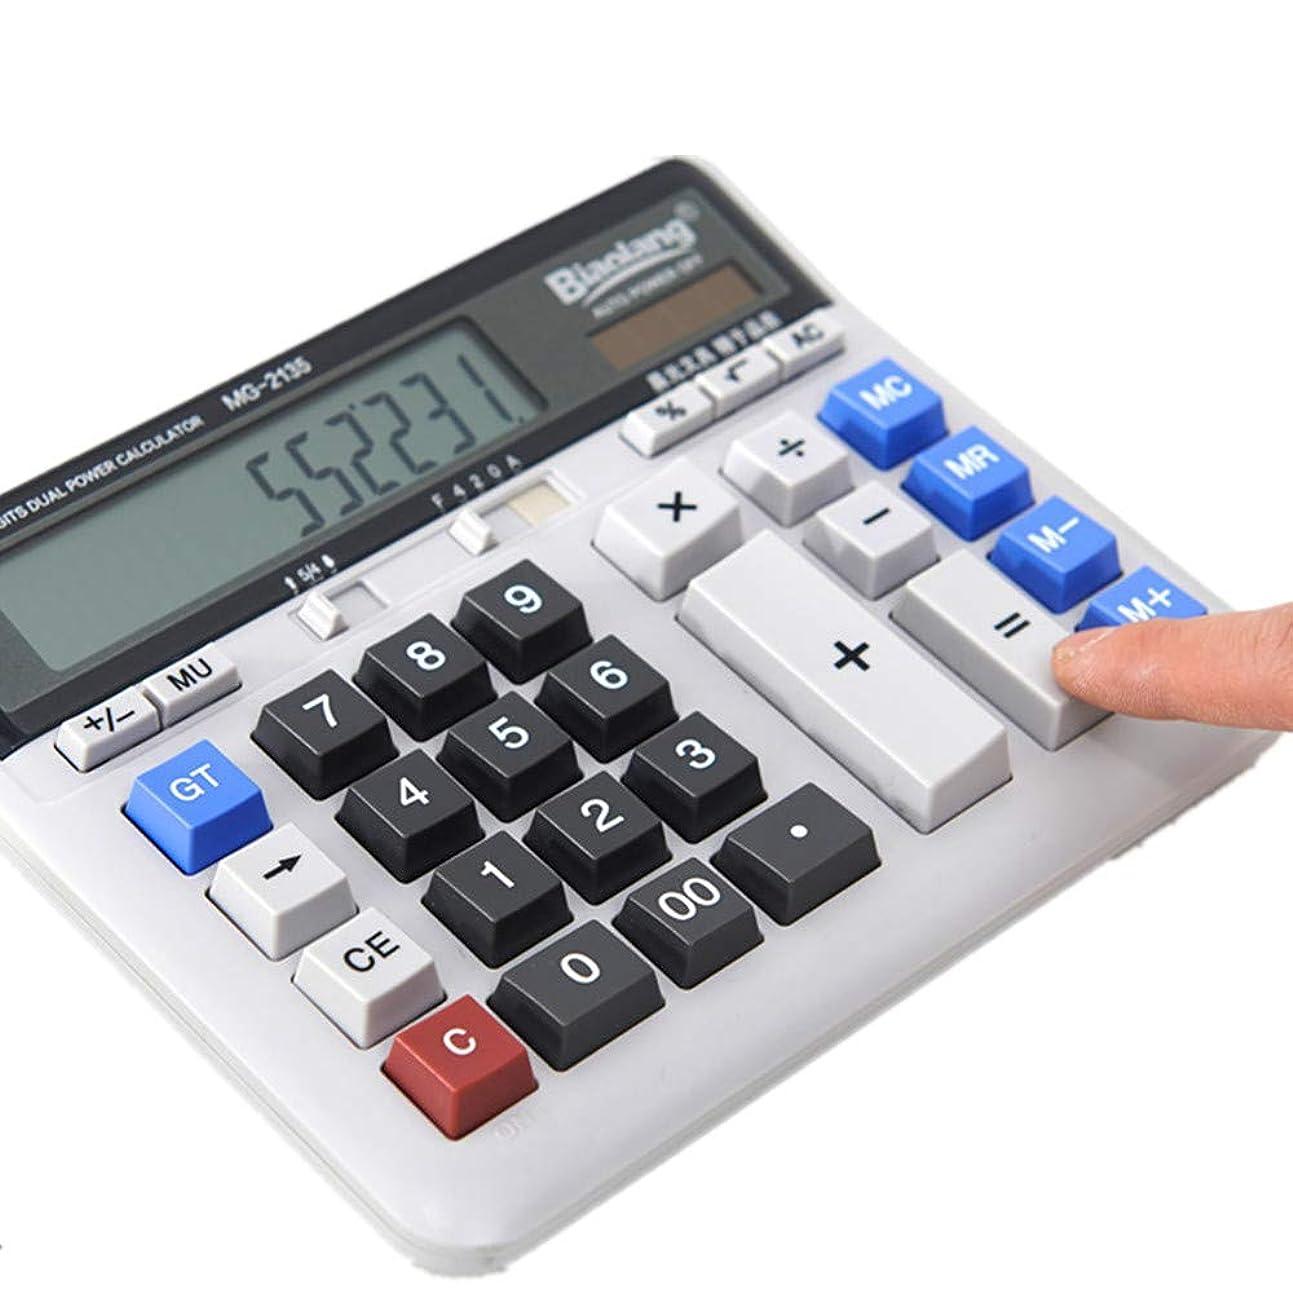 知覚する悲惨年金受給者ビジネス電卓 ビジネスオフィス電卓大型コンピュータキーボードデスクトップデスクトップコンピュータ ミニジャストタイプ電卓